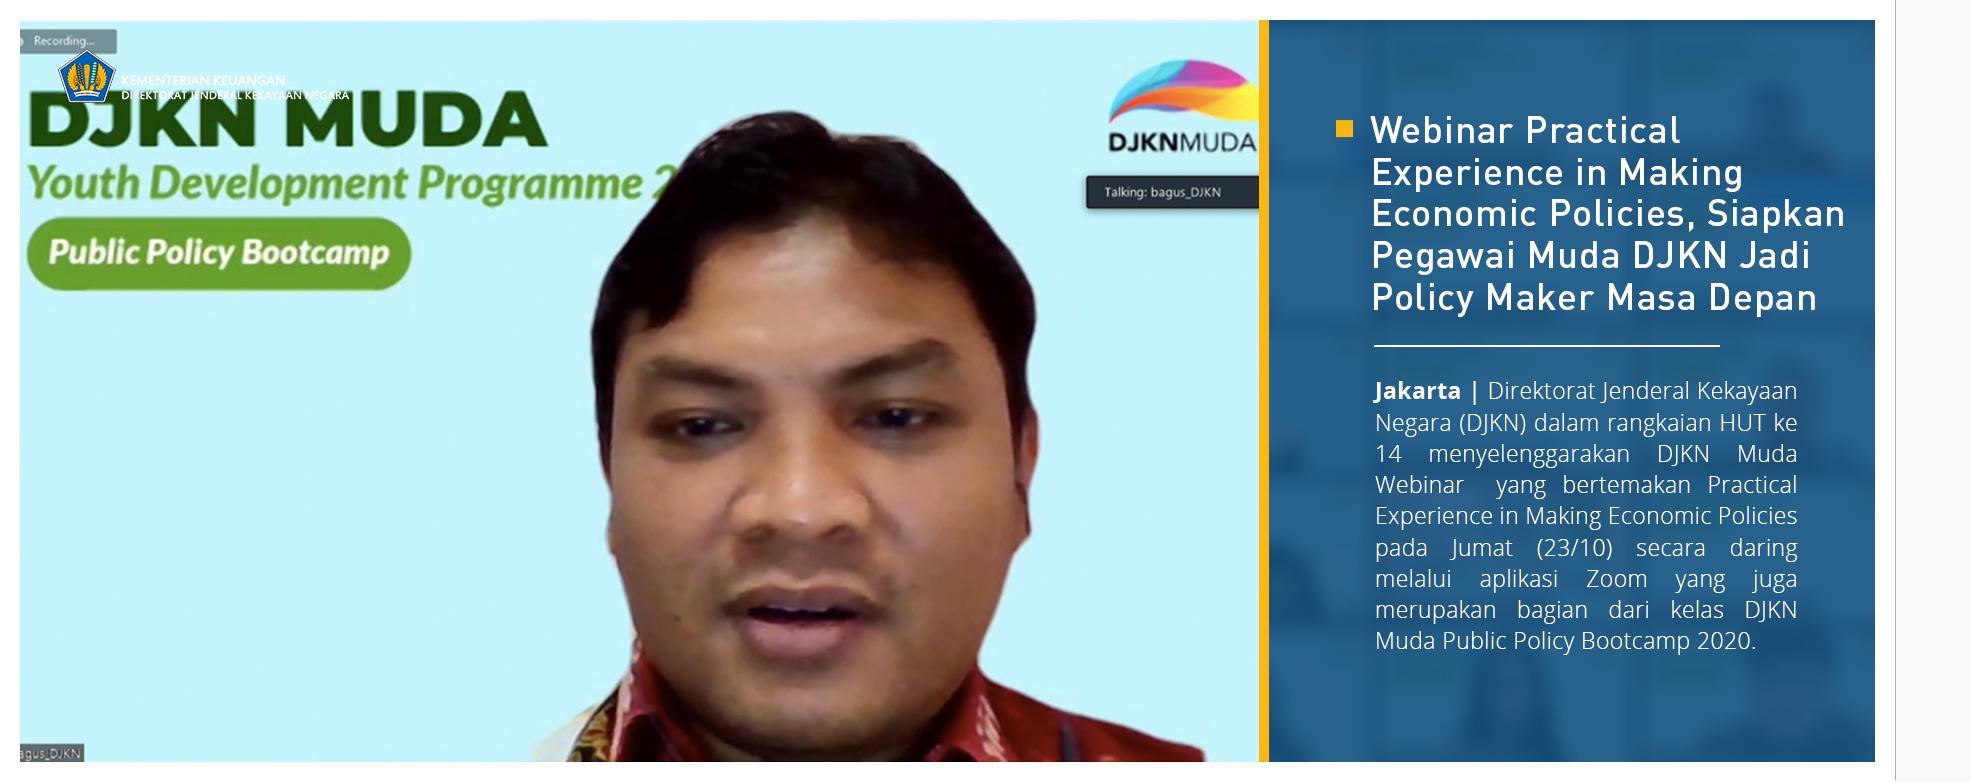 Webinar Practical Experience in Making Economic Policies, Siapkan Pegawai Muda DJKN Jadi Policy Maker Masa Depan